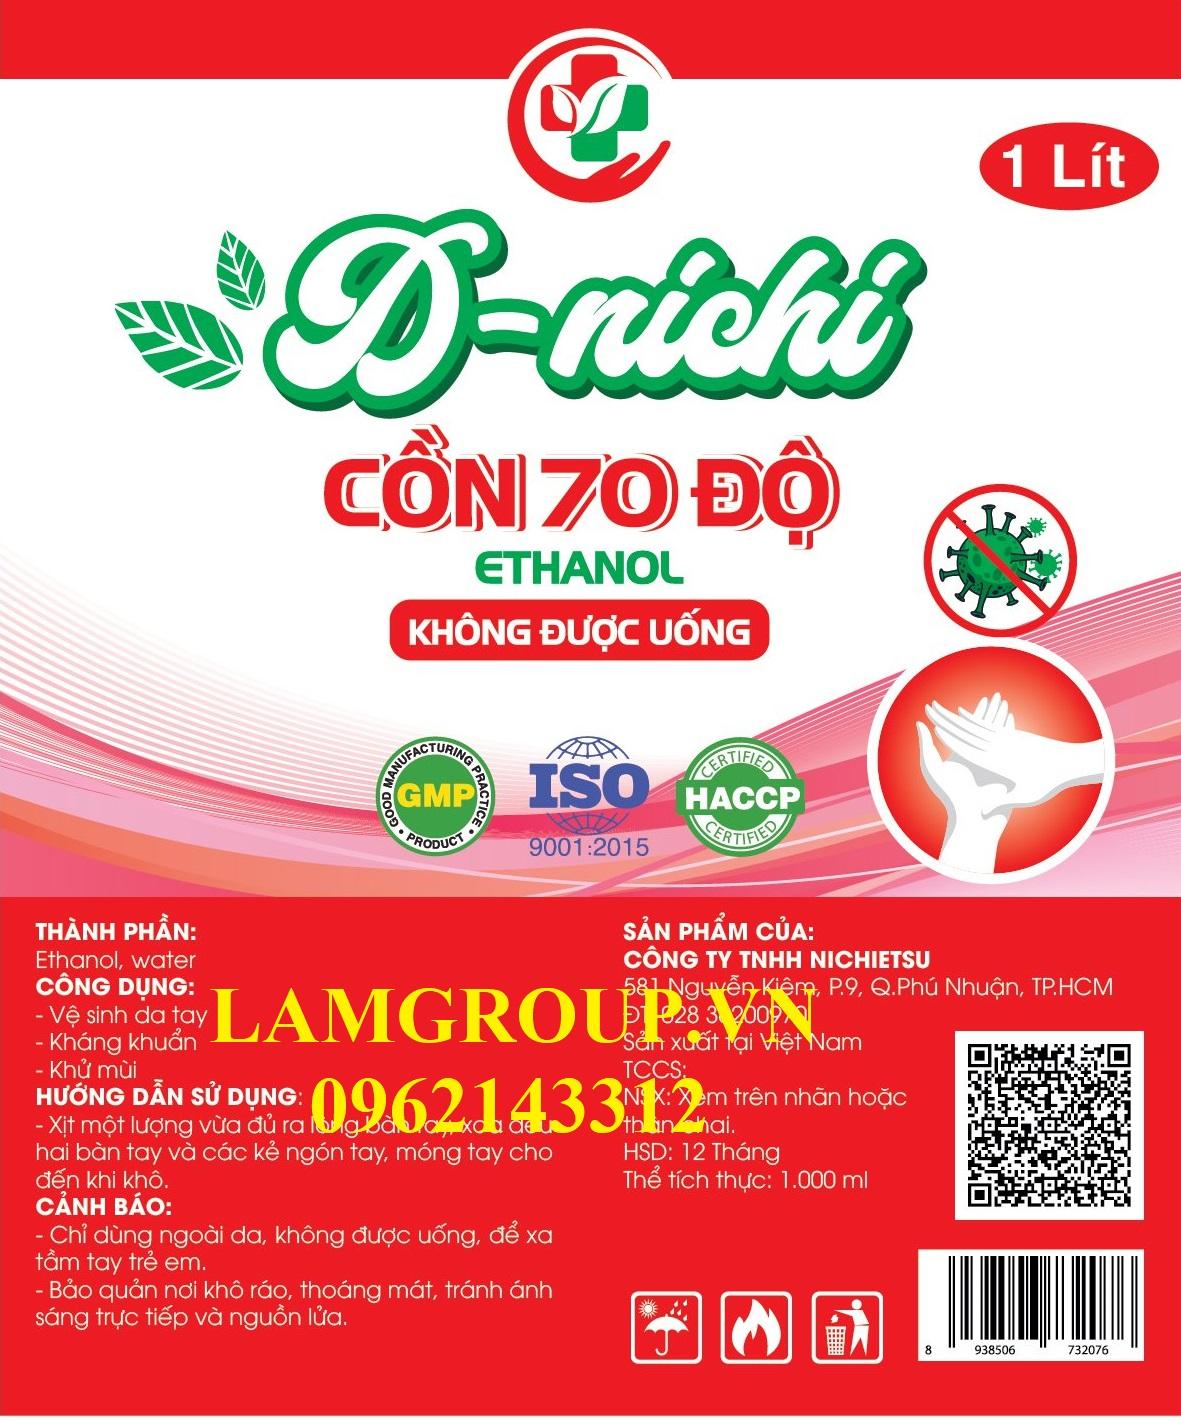 Xưởng gia công Cồn Ethanol Can 30 lít 5 lít chai xịt 100ml 500ml 1000ml HCM city